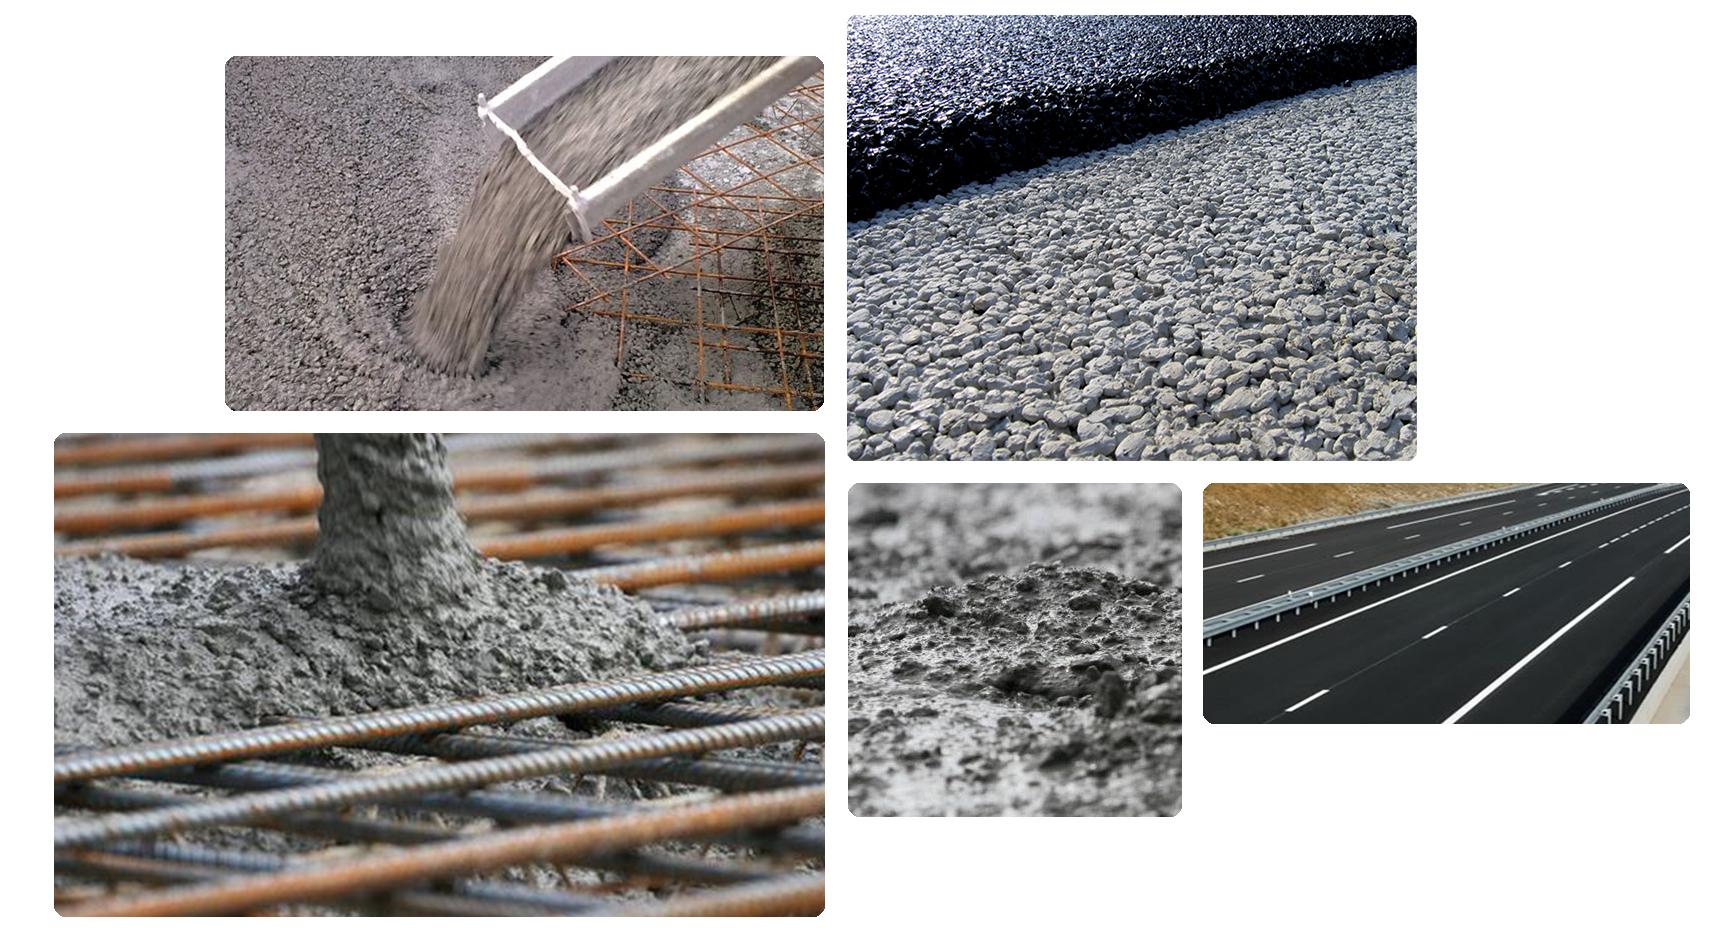 riempimento, stabilizzato, ghiaia, pietrisco 1, sabbia fine, mix, grossa